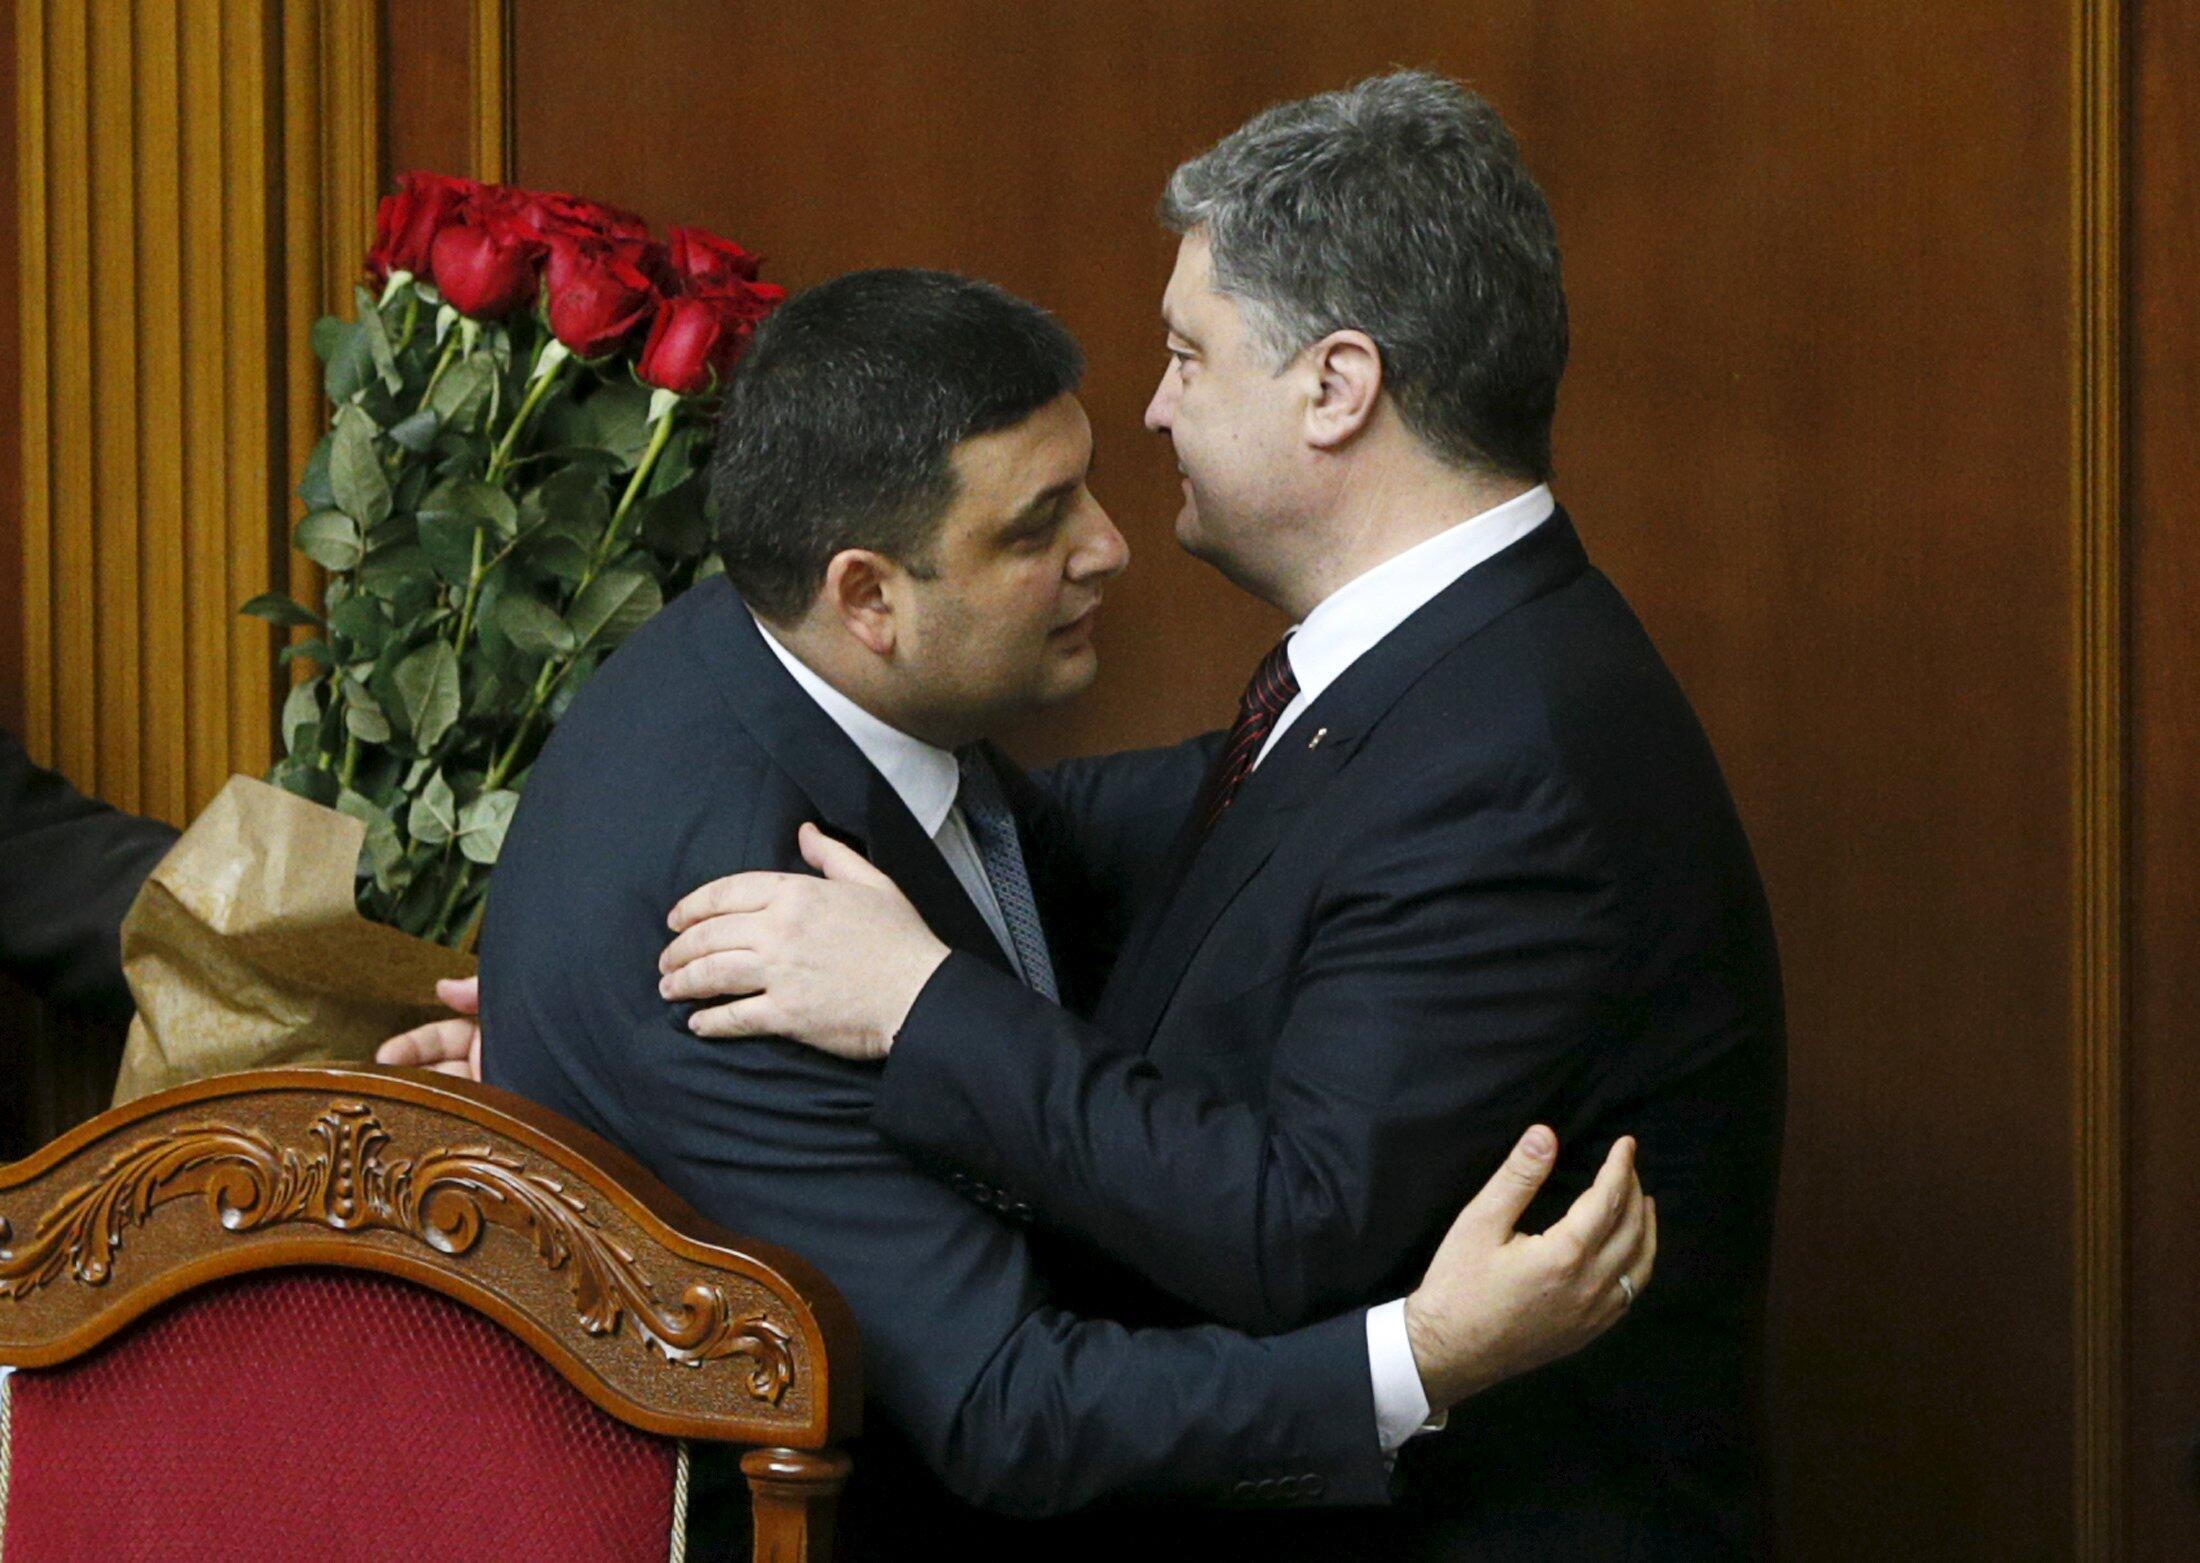 Президент Украины Петр Порошенко и новый премьер Владимир Гройсман в Верховной Раде 14 апреля 2016